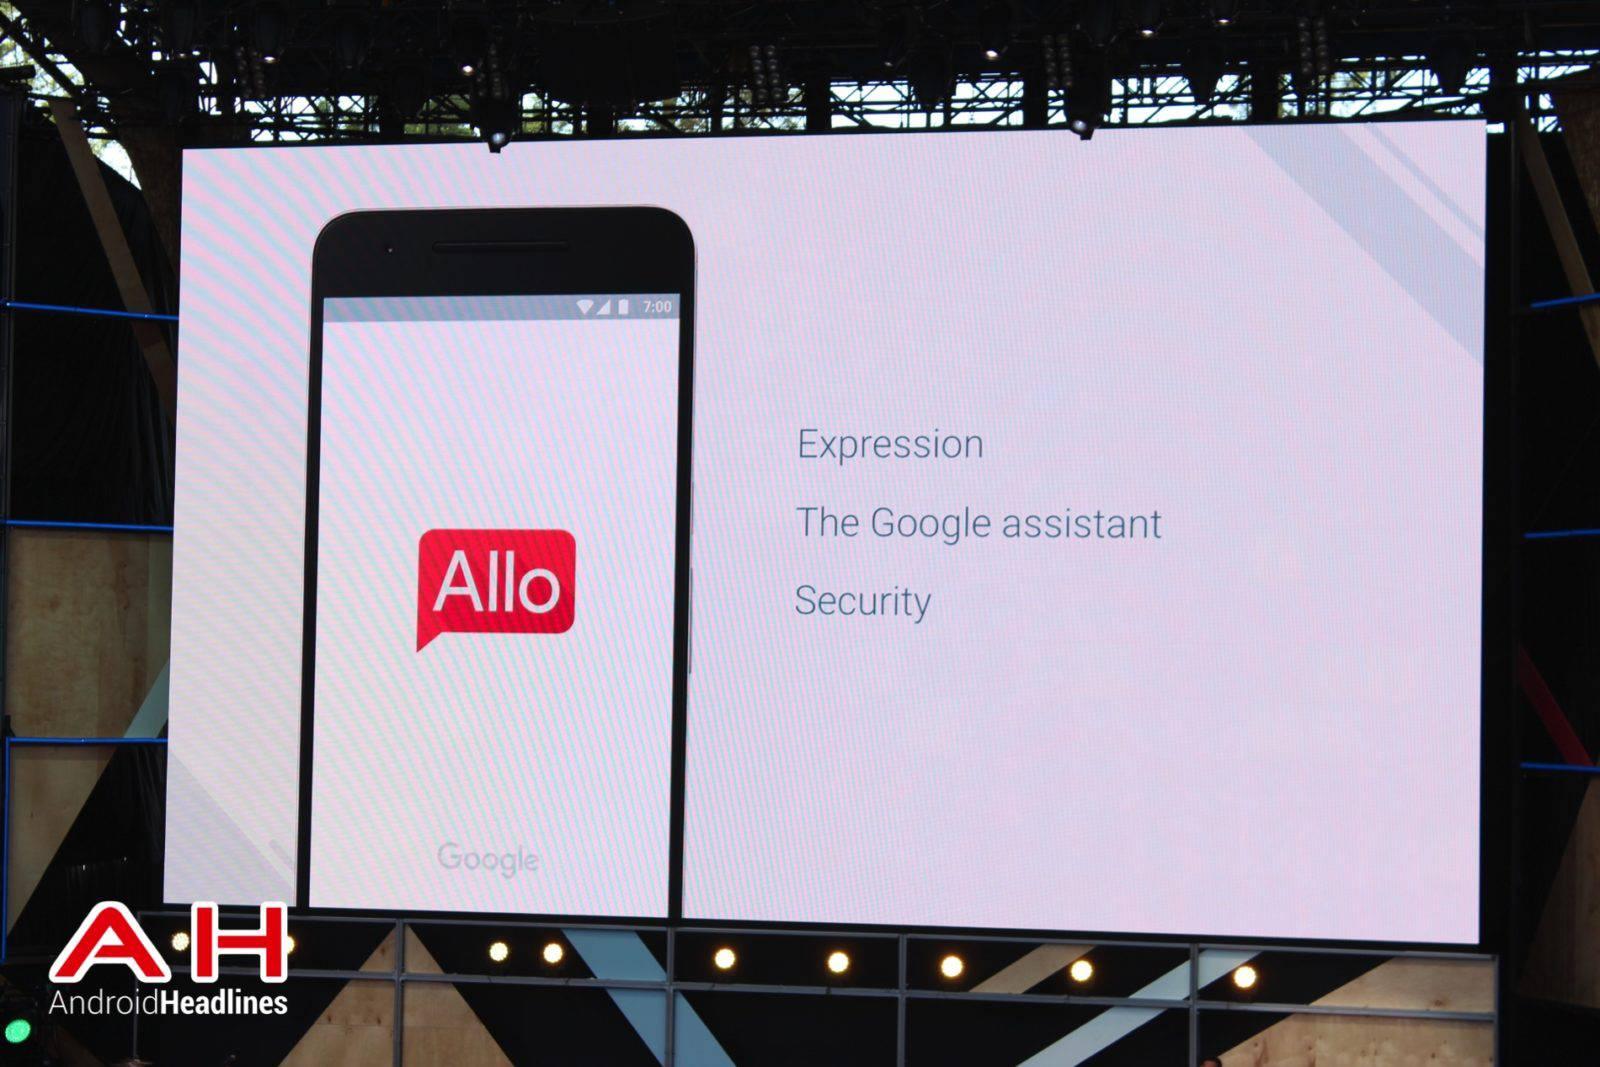 双平台同发?传谷歌通讯应用Allo将于9月21日上架